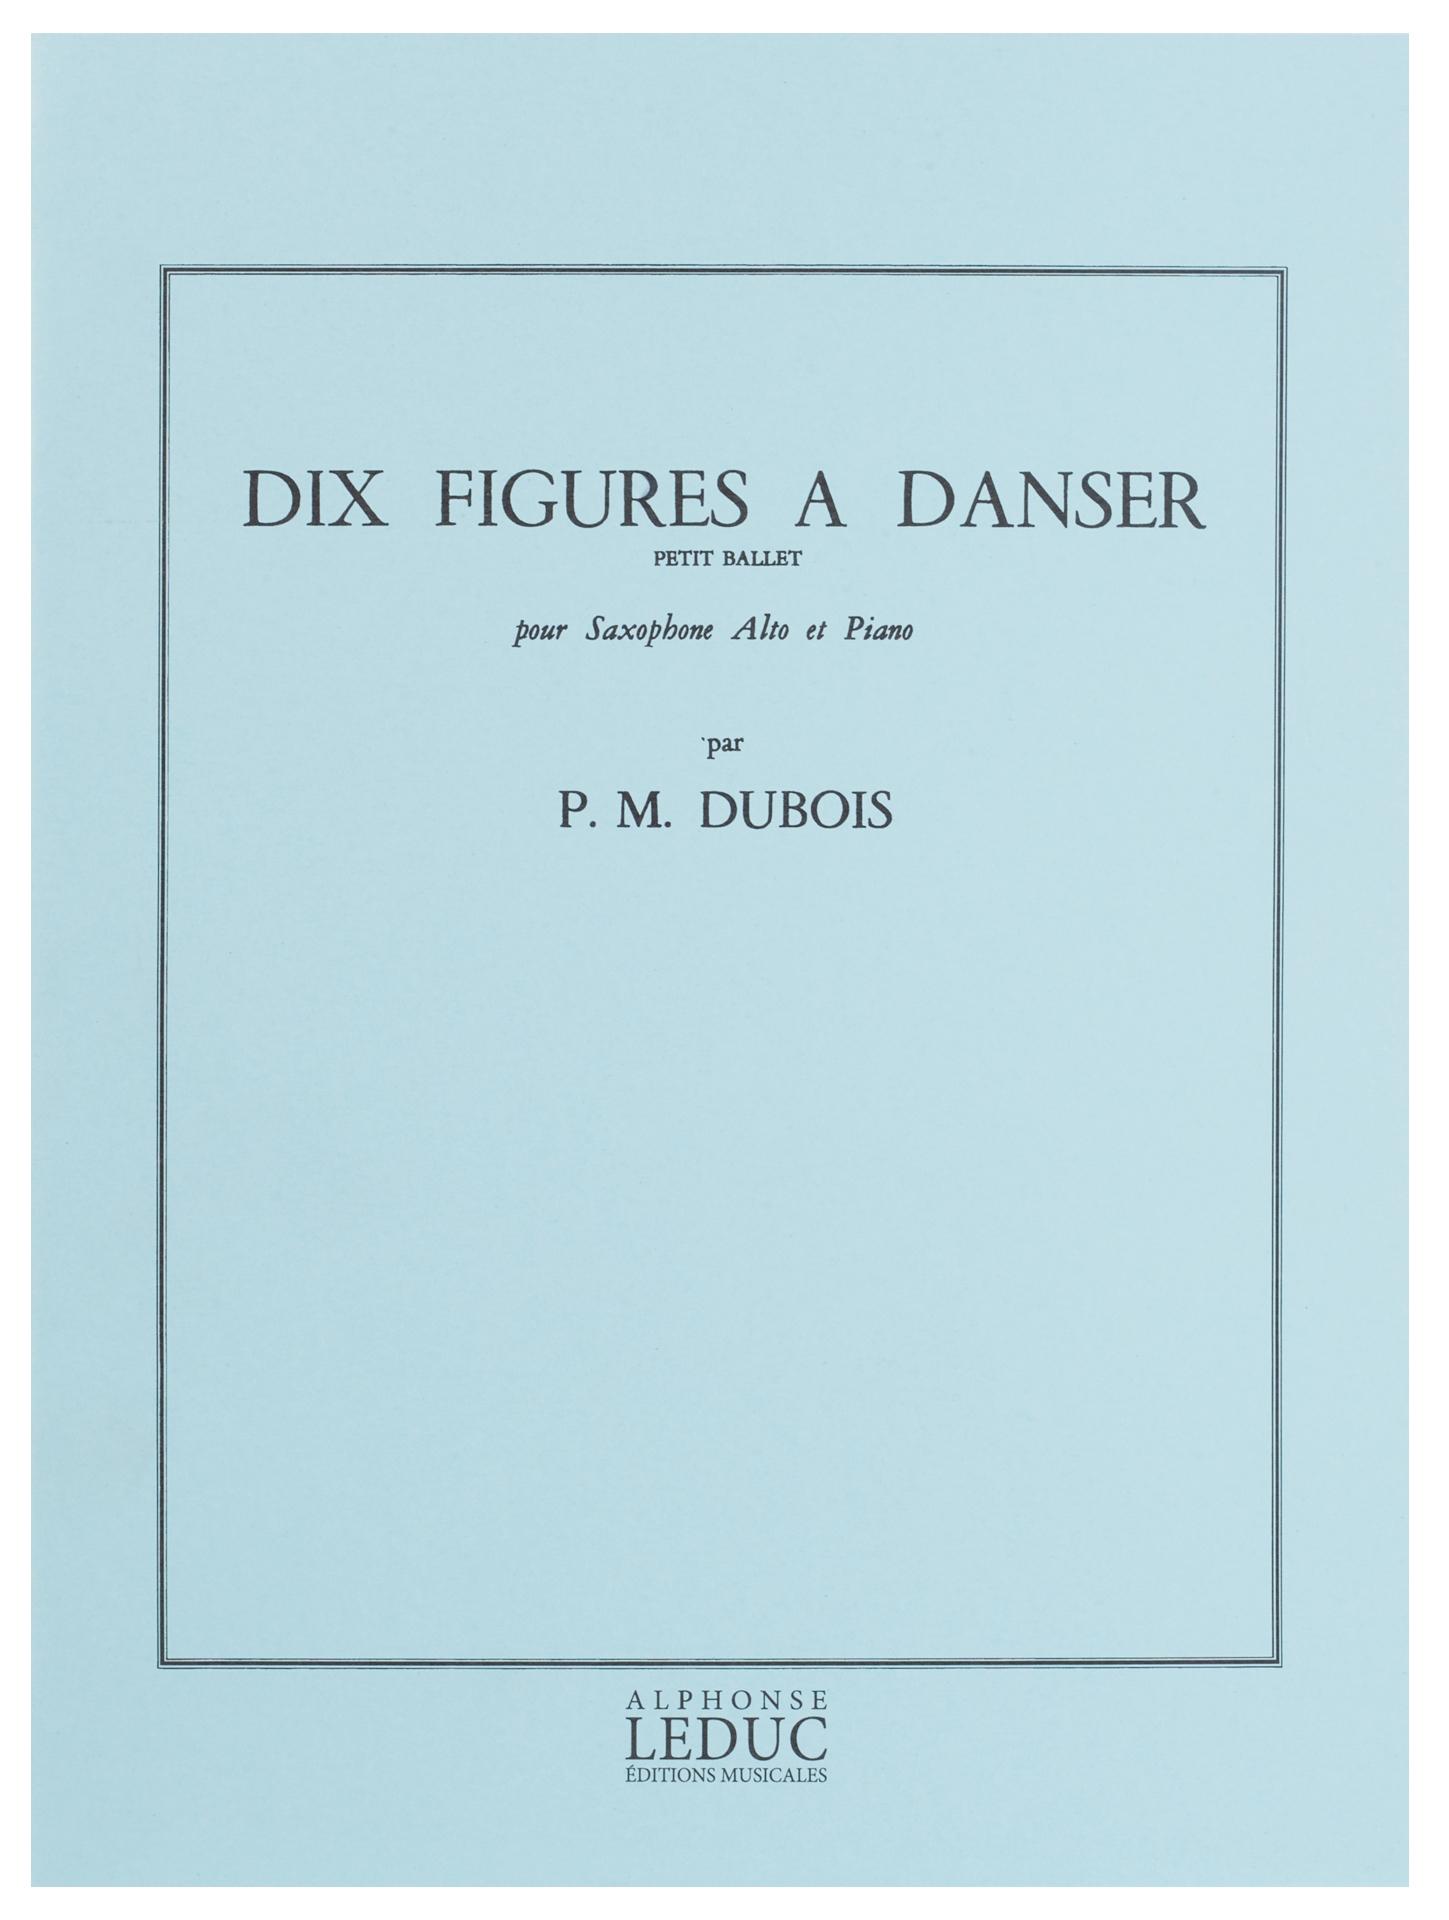 KN Dix figures a danser